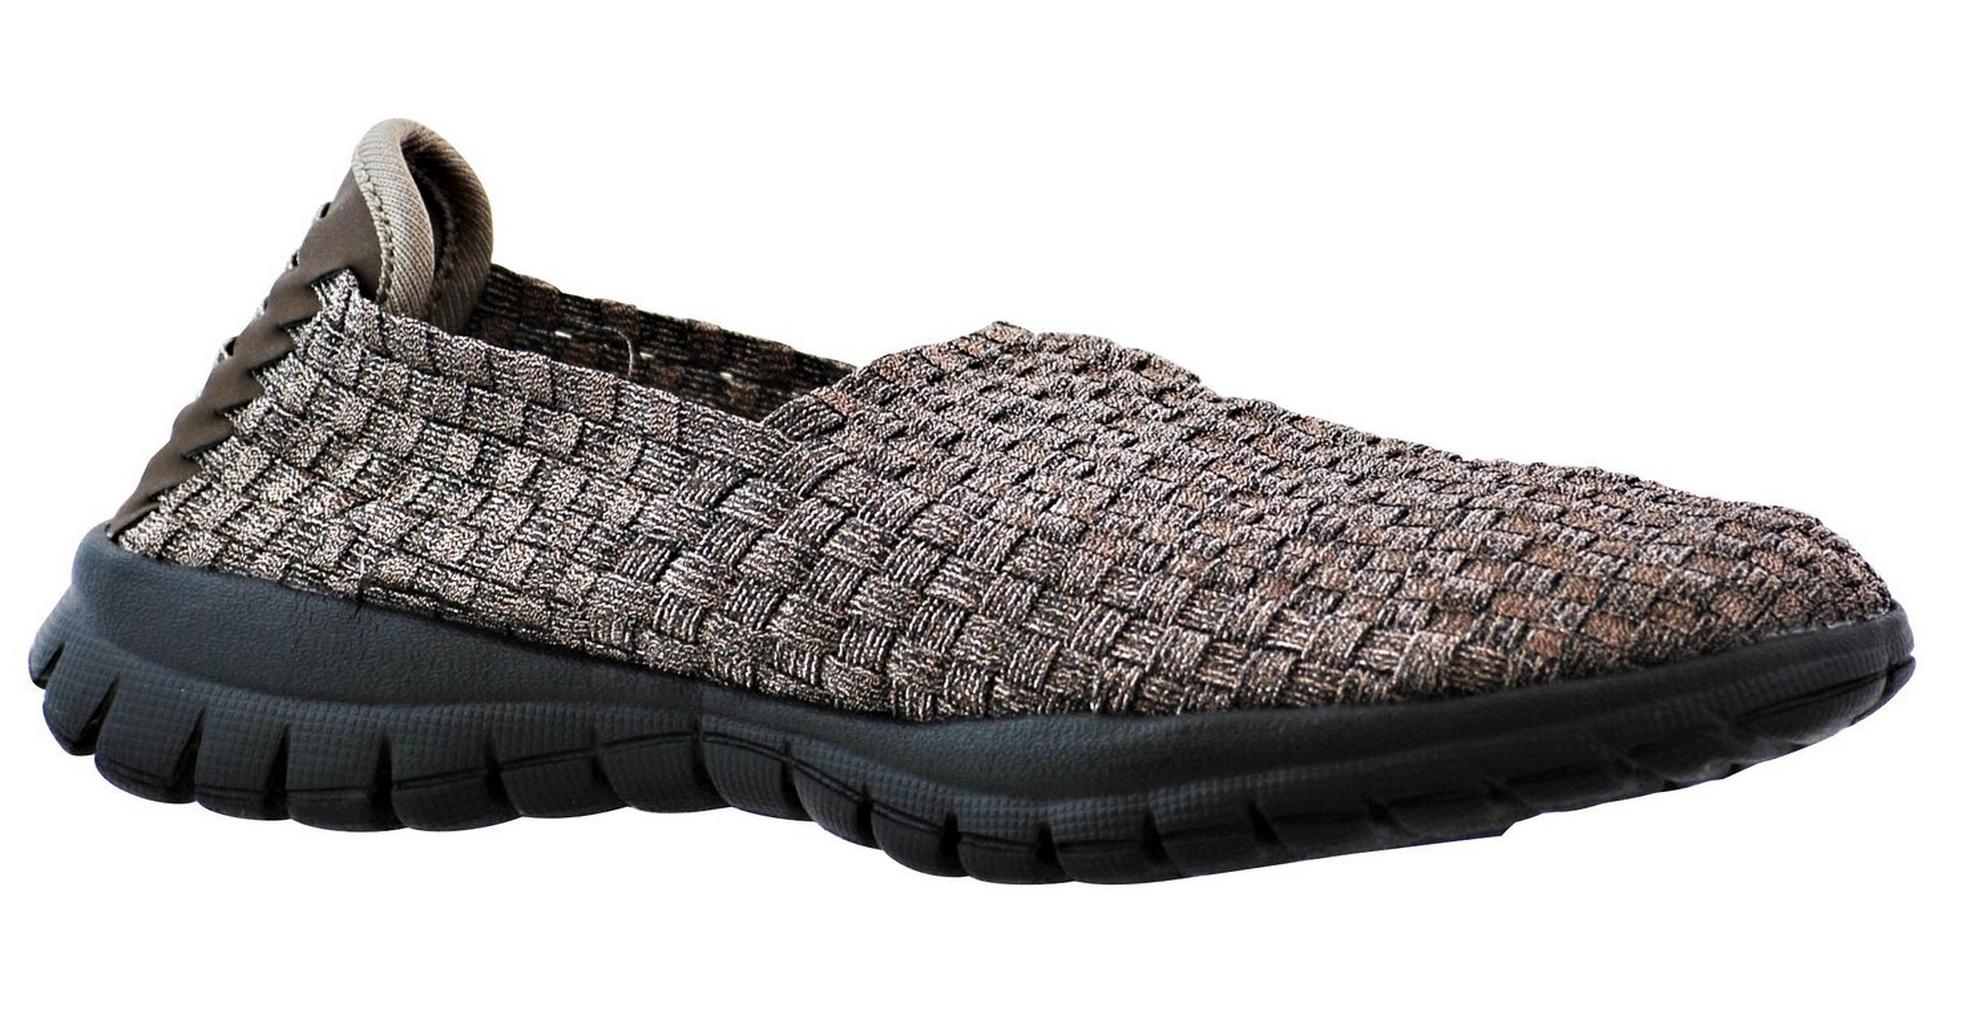 50% Off Khombu Women's Walking Shoes